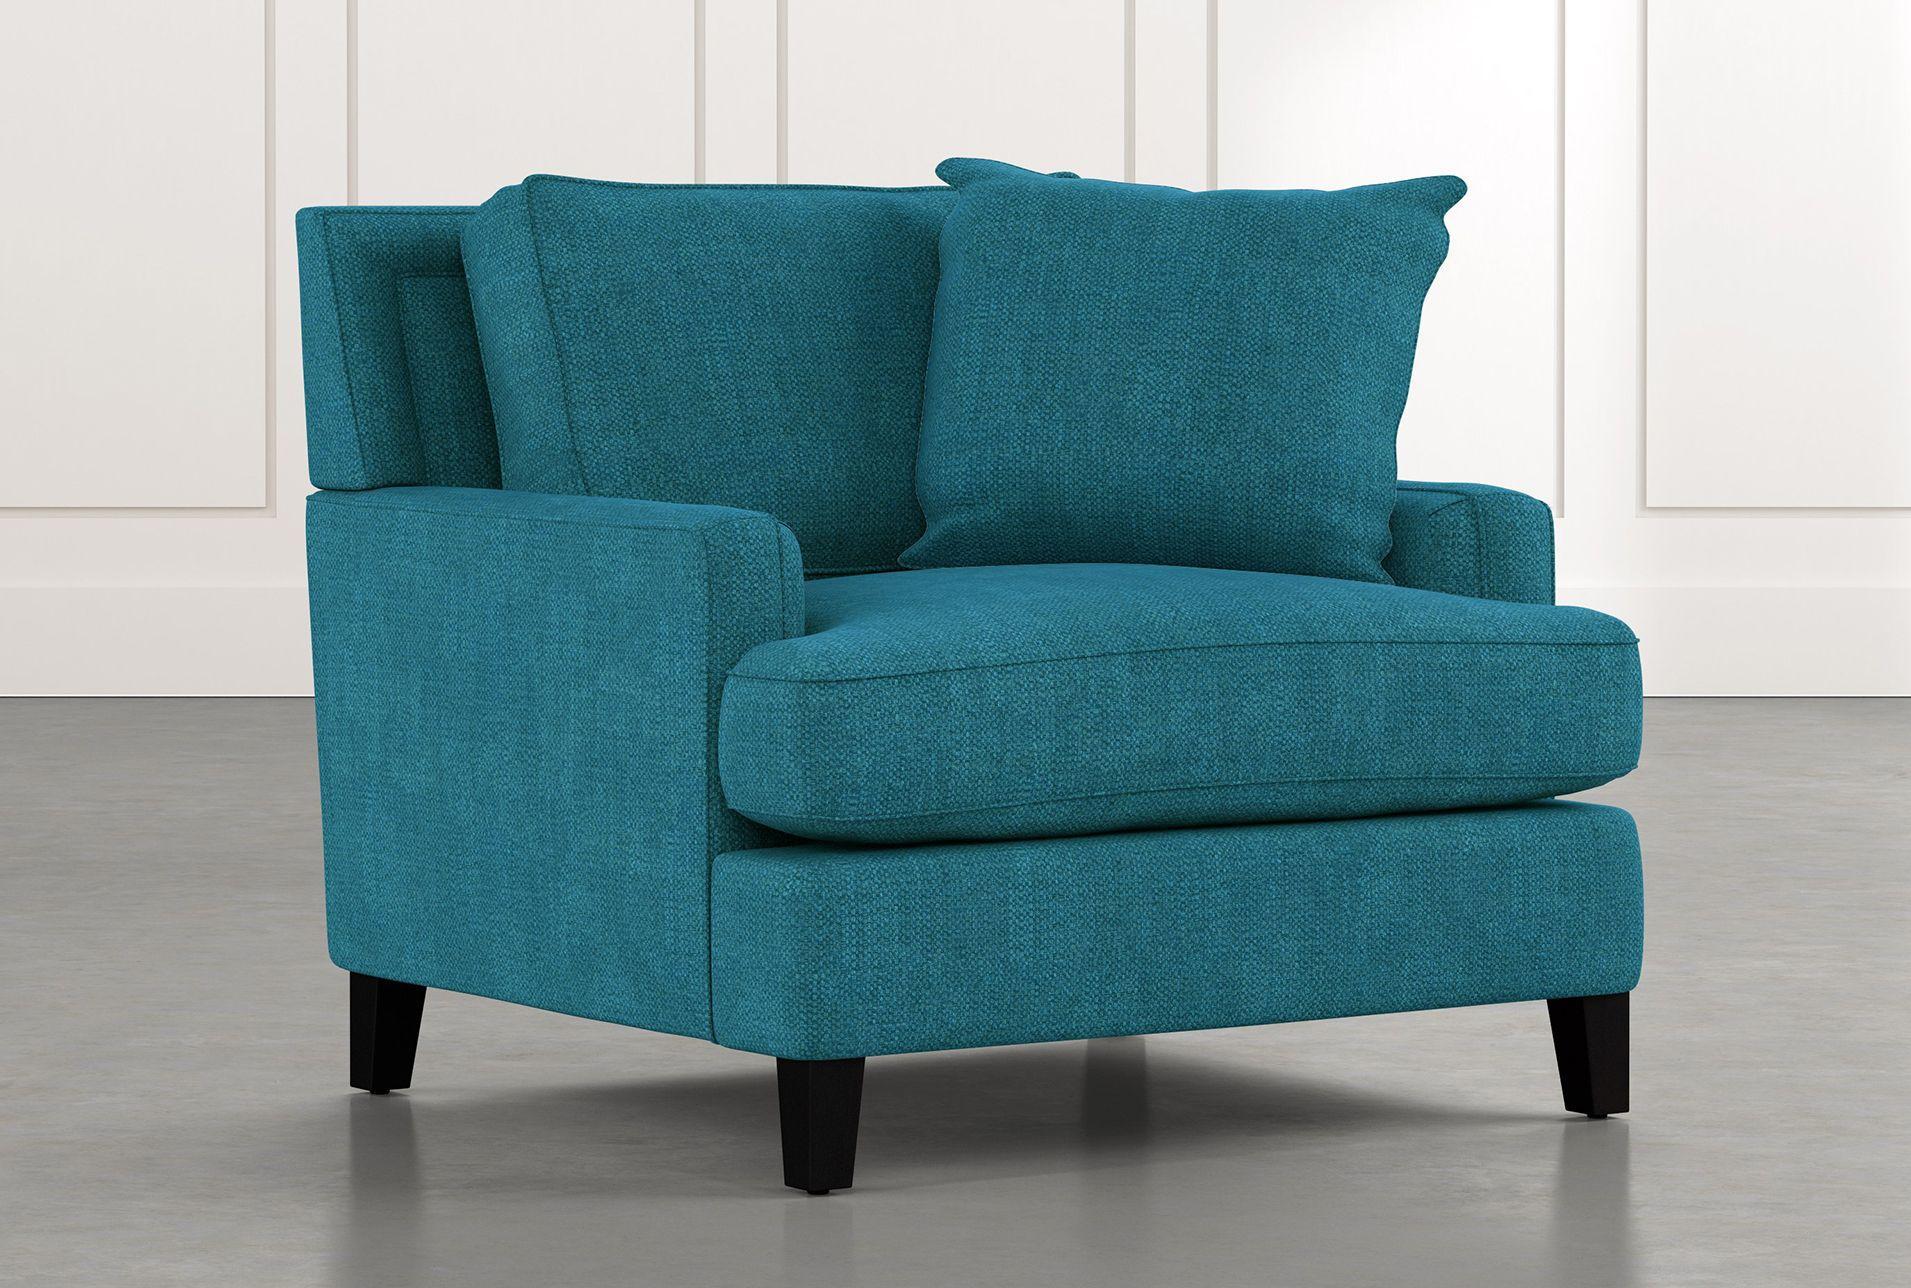 Madalyn teal chair teal chair chair teal accent chair